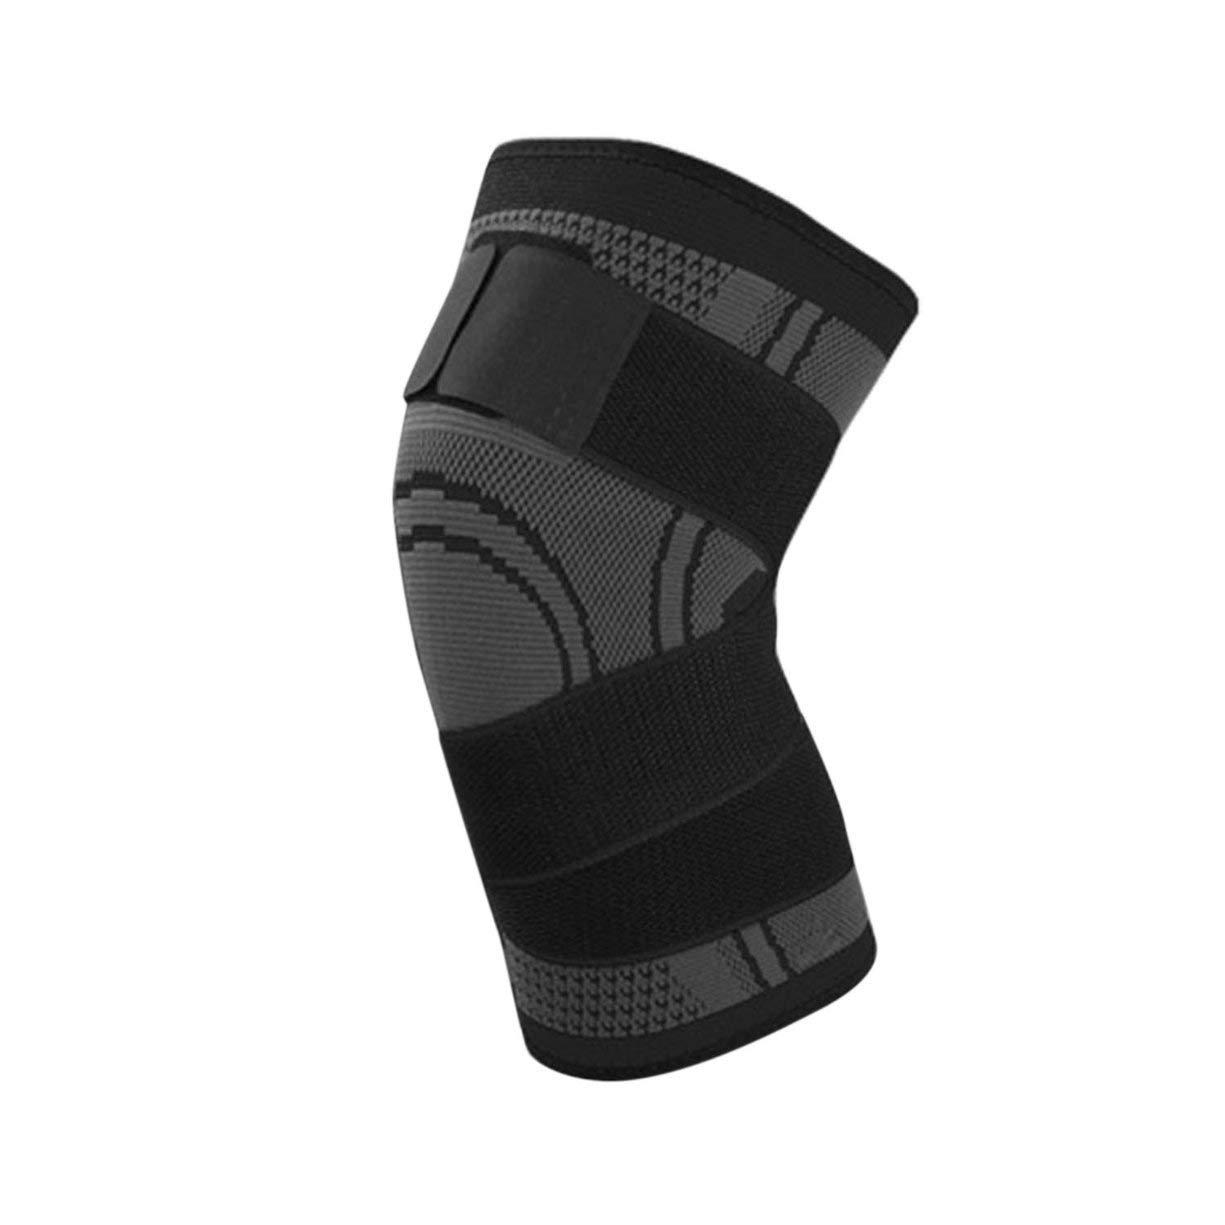 Výsledok vyhľadávania obrázkov pre dopyt Bandage Knee Support Braces Elastic Nylon Sports Compression Pad grey